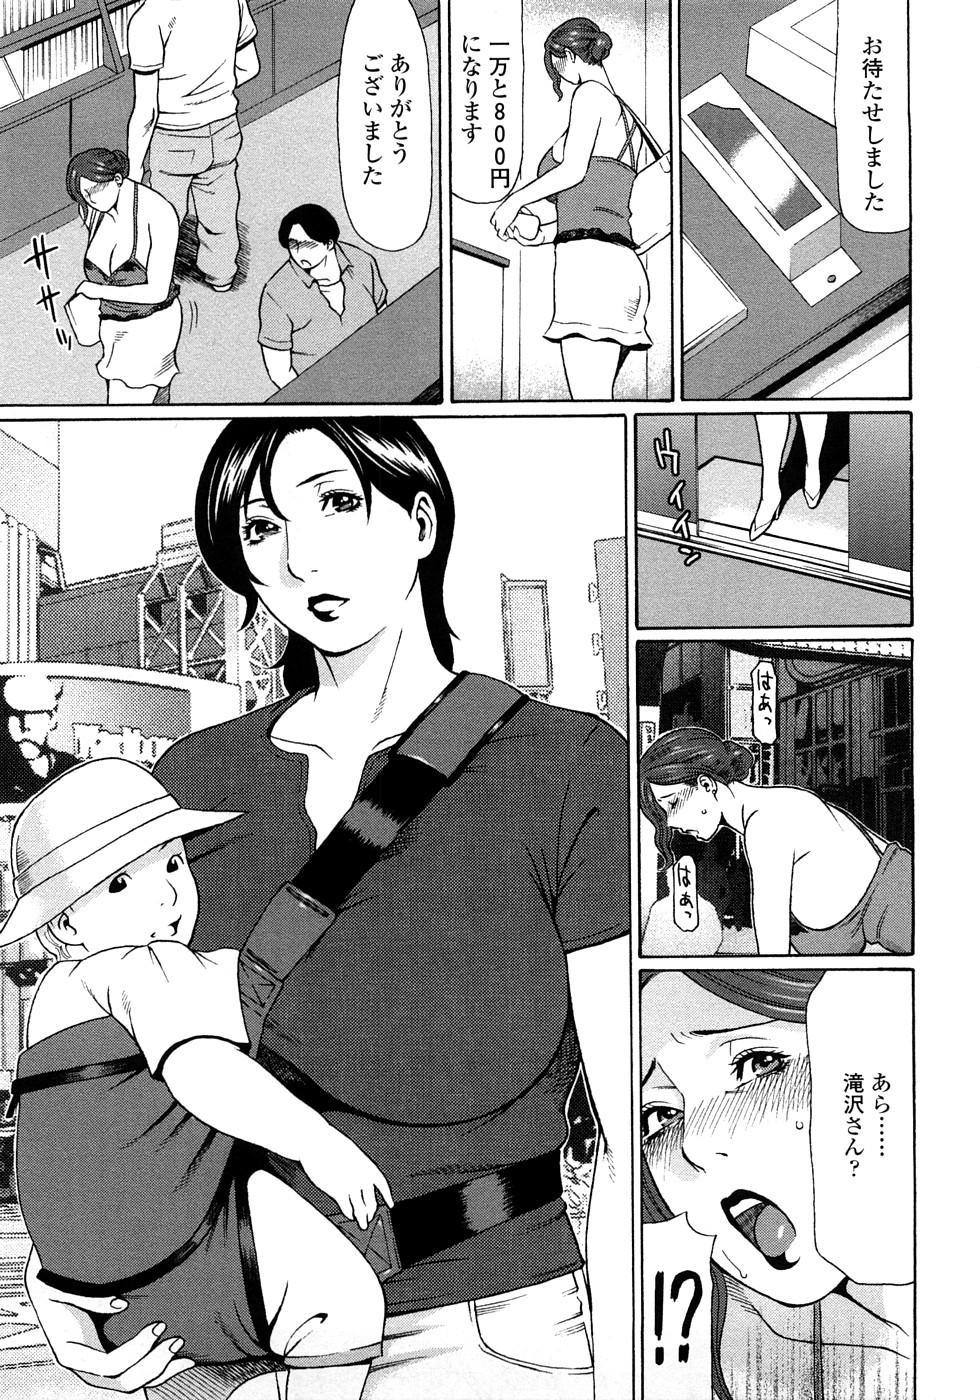 Etsuraku no Tobira - The Door of Sexual Pleasure 141